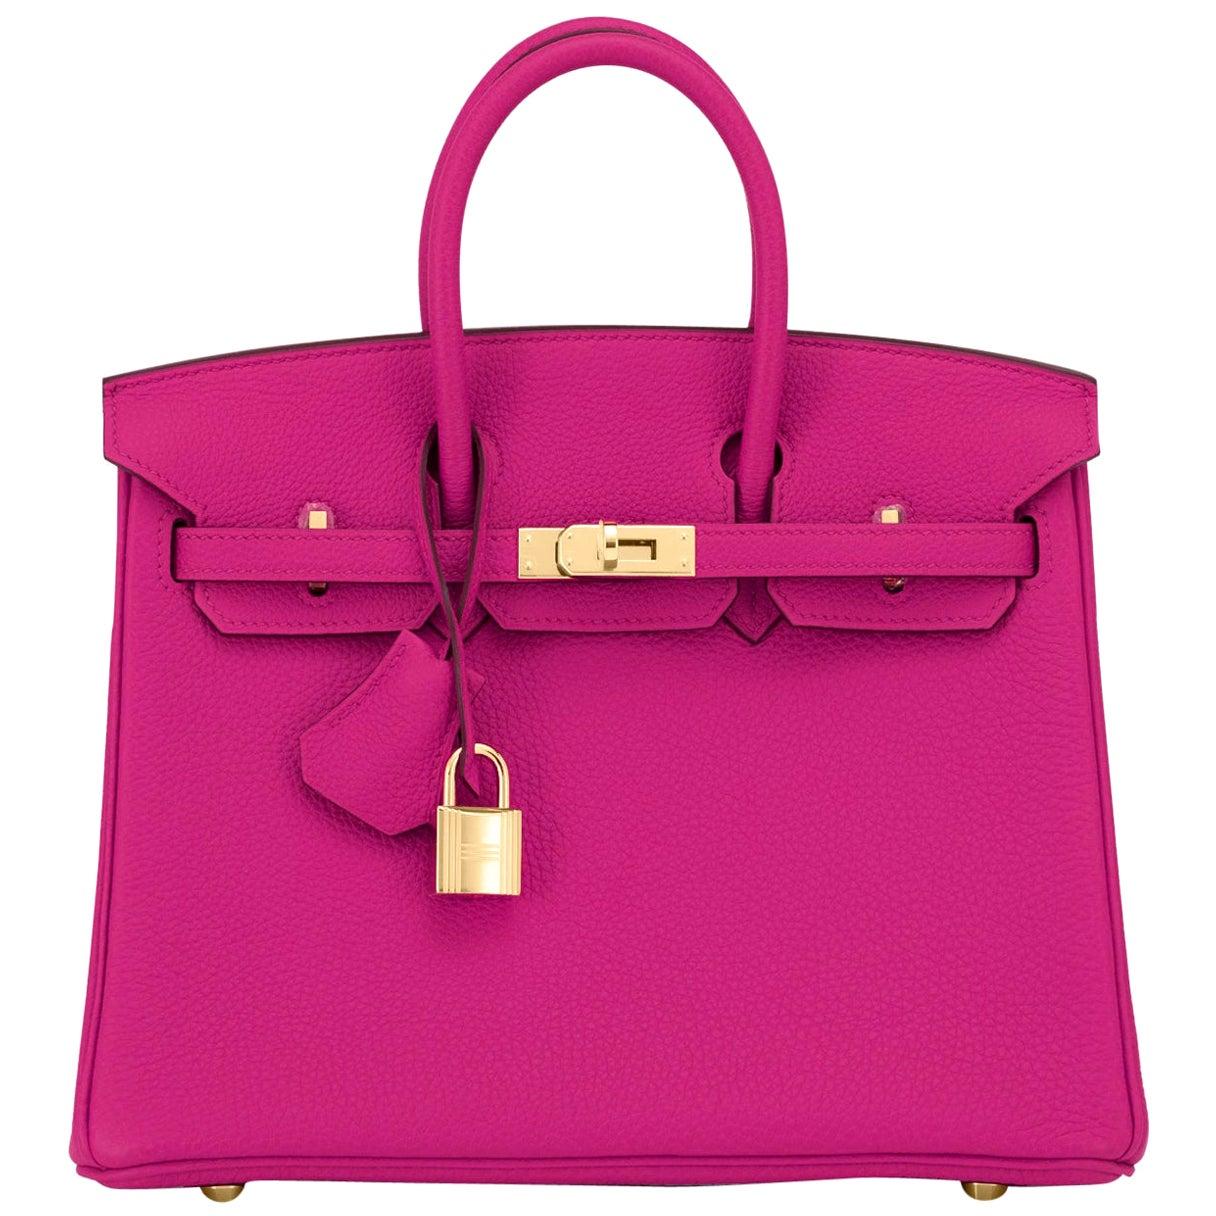 Hermes Birkin 25cm Rose Pourpre Togo Pink Gold Hardware Y Stamp, 2020